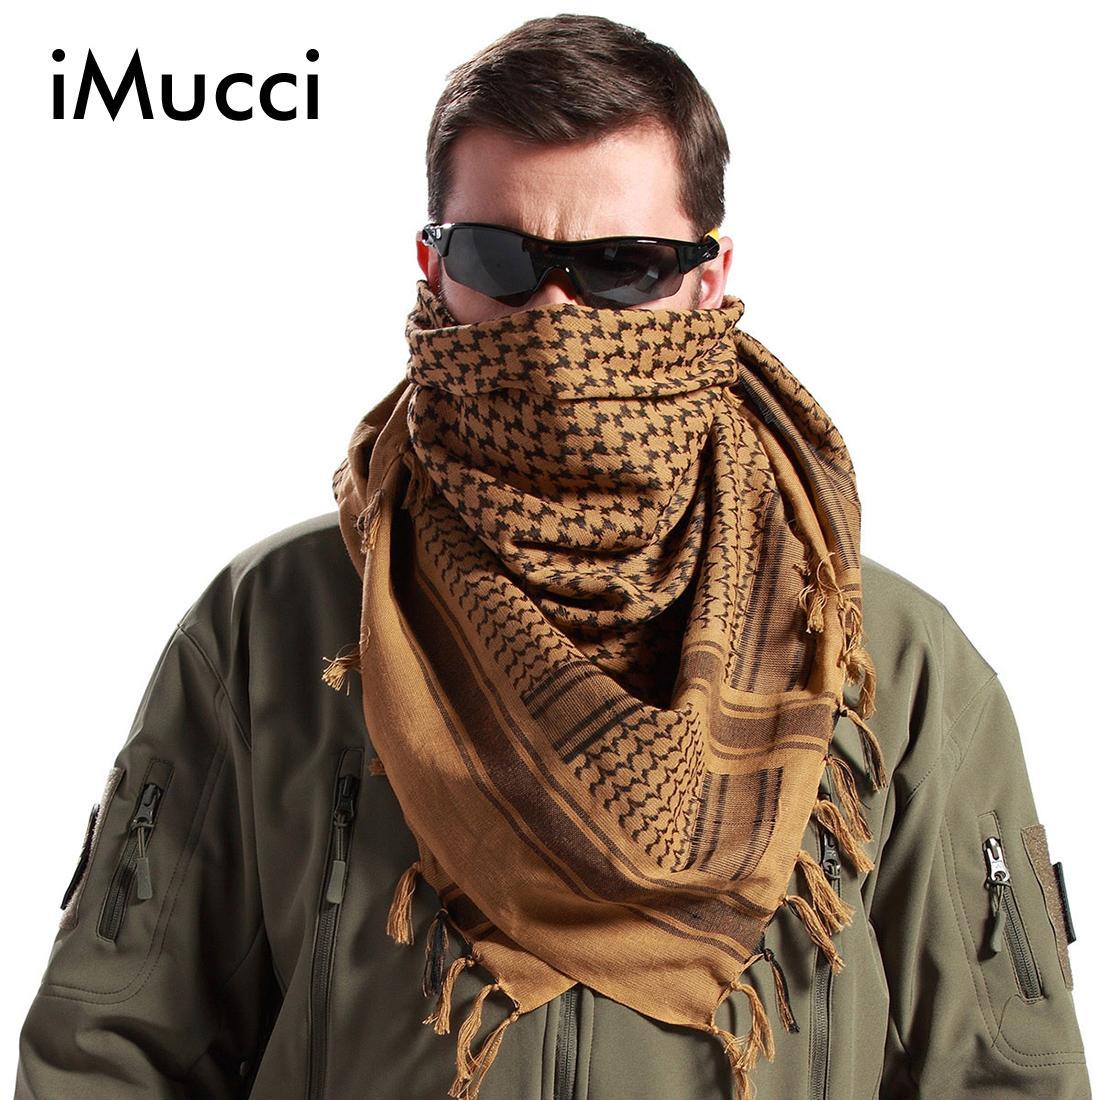 c915899e85b Acheter IMucci Hommes Hiver Militaire Coupe Vent Écharpe Musulman Hijab Shemagh  Tactique Châle Arabe Keffieh 100% Coton De Mode Femmes Foulards D18102904  De ...